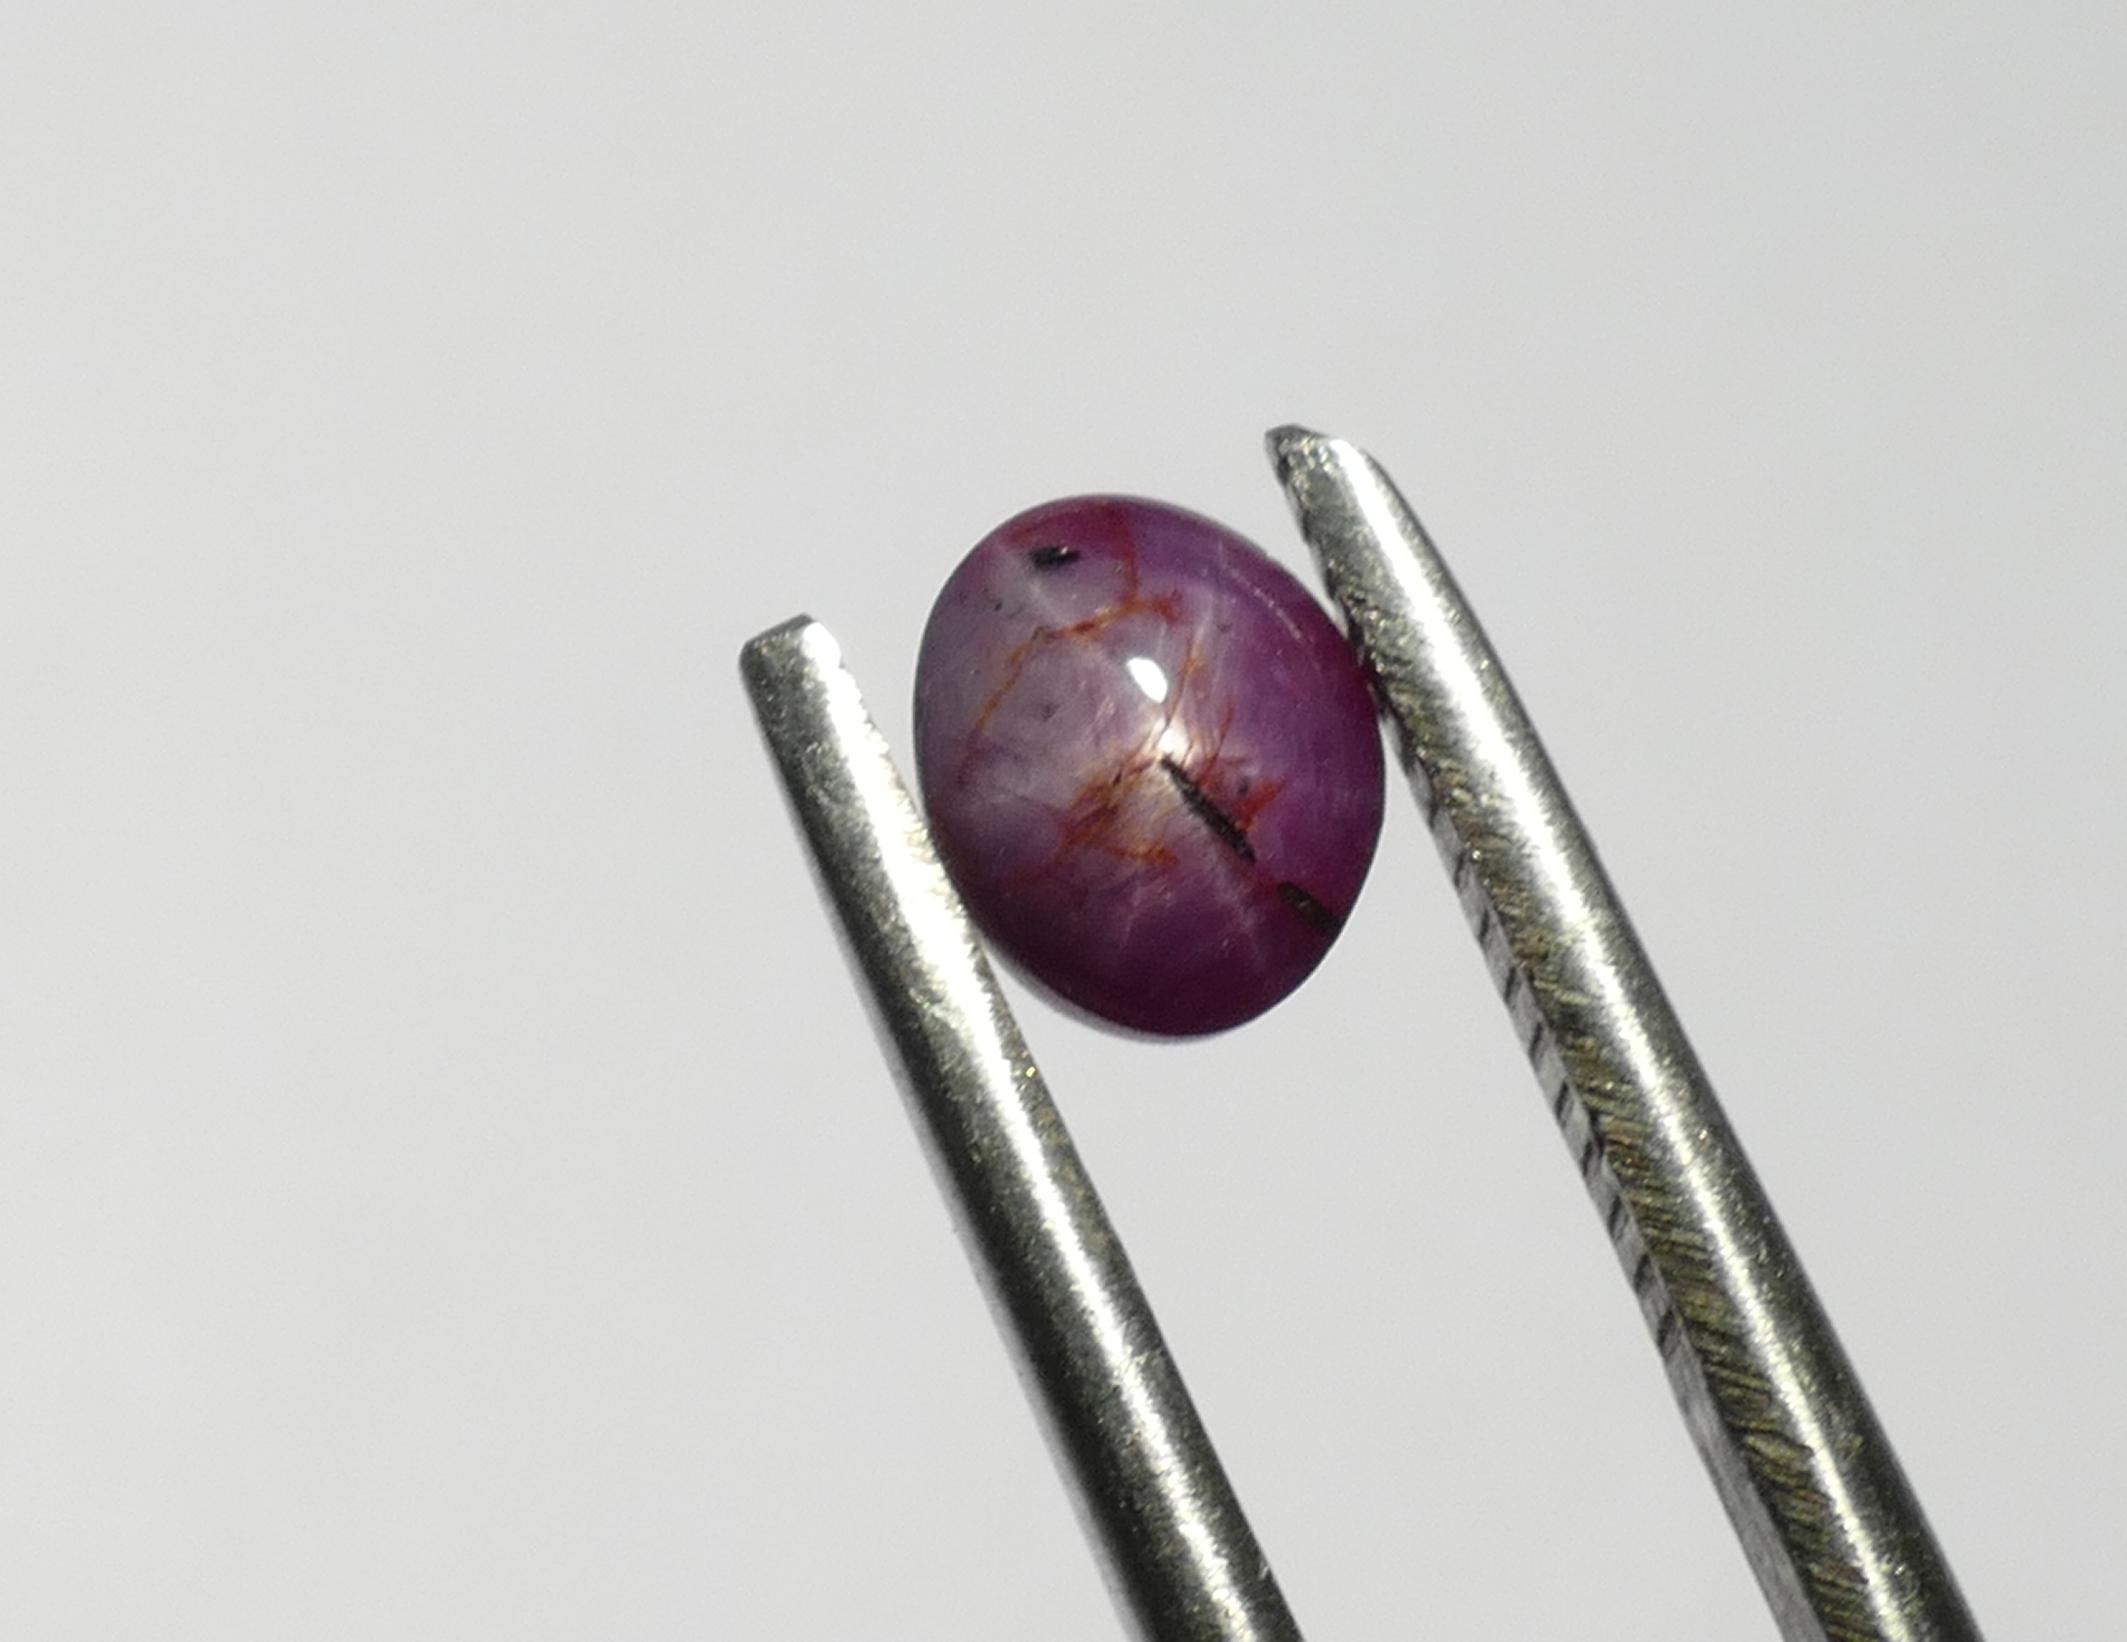 5.8x4.8mm Rubis naturel étoilé en cabochon ovale 1.06ct d\'Inde (#PM75)